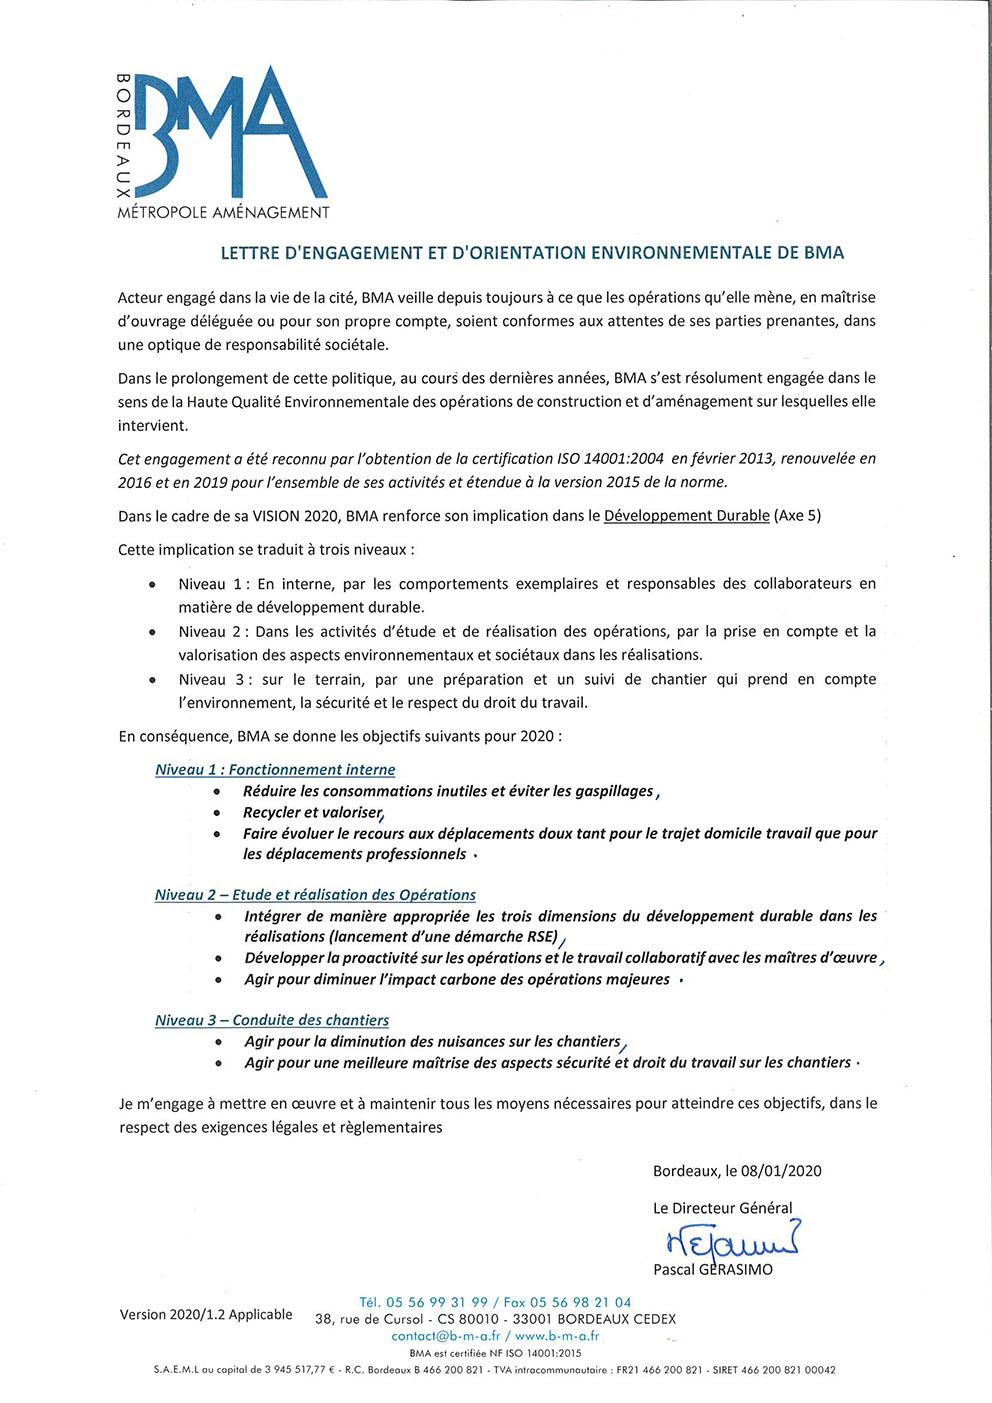 LettreEngagementetOrientationEnvironnementaleBMA-2020